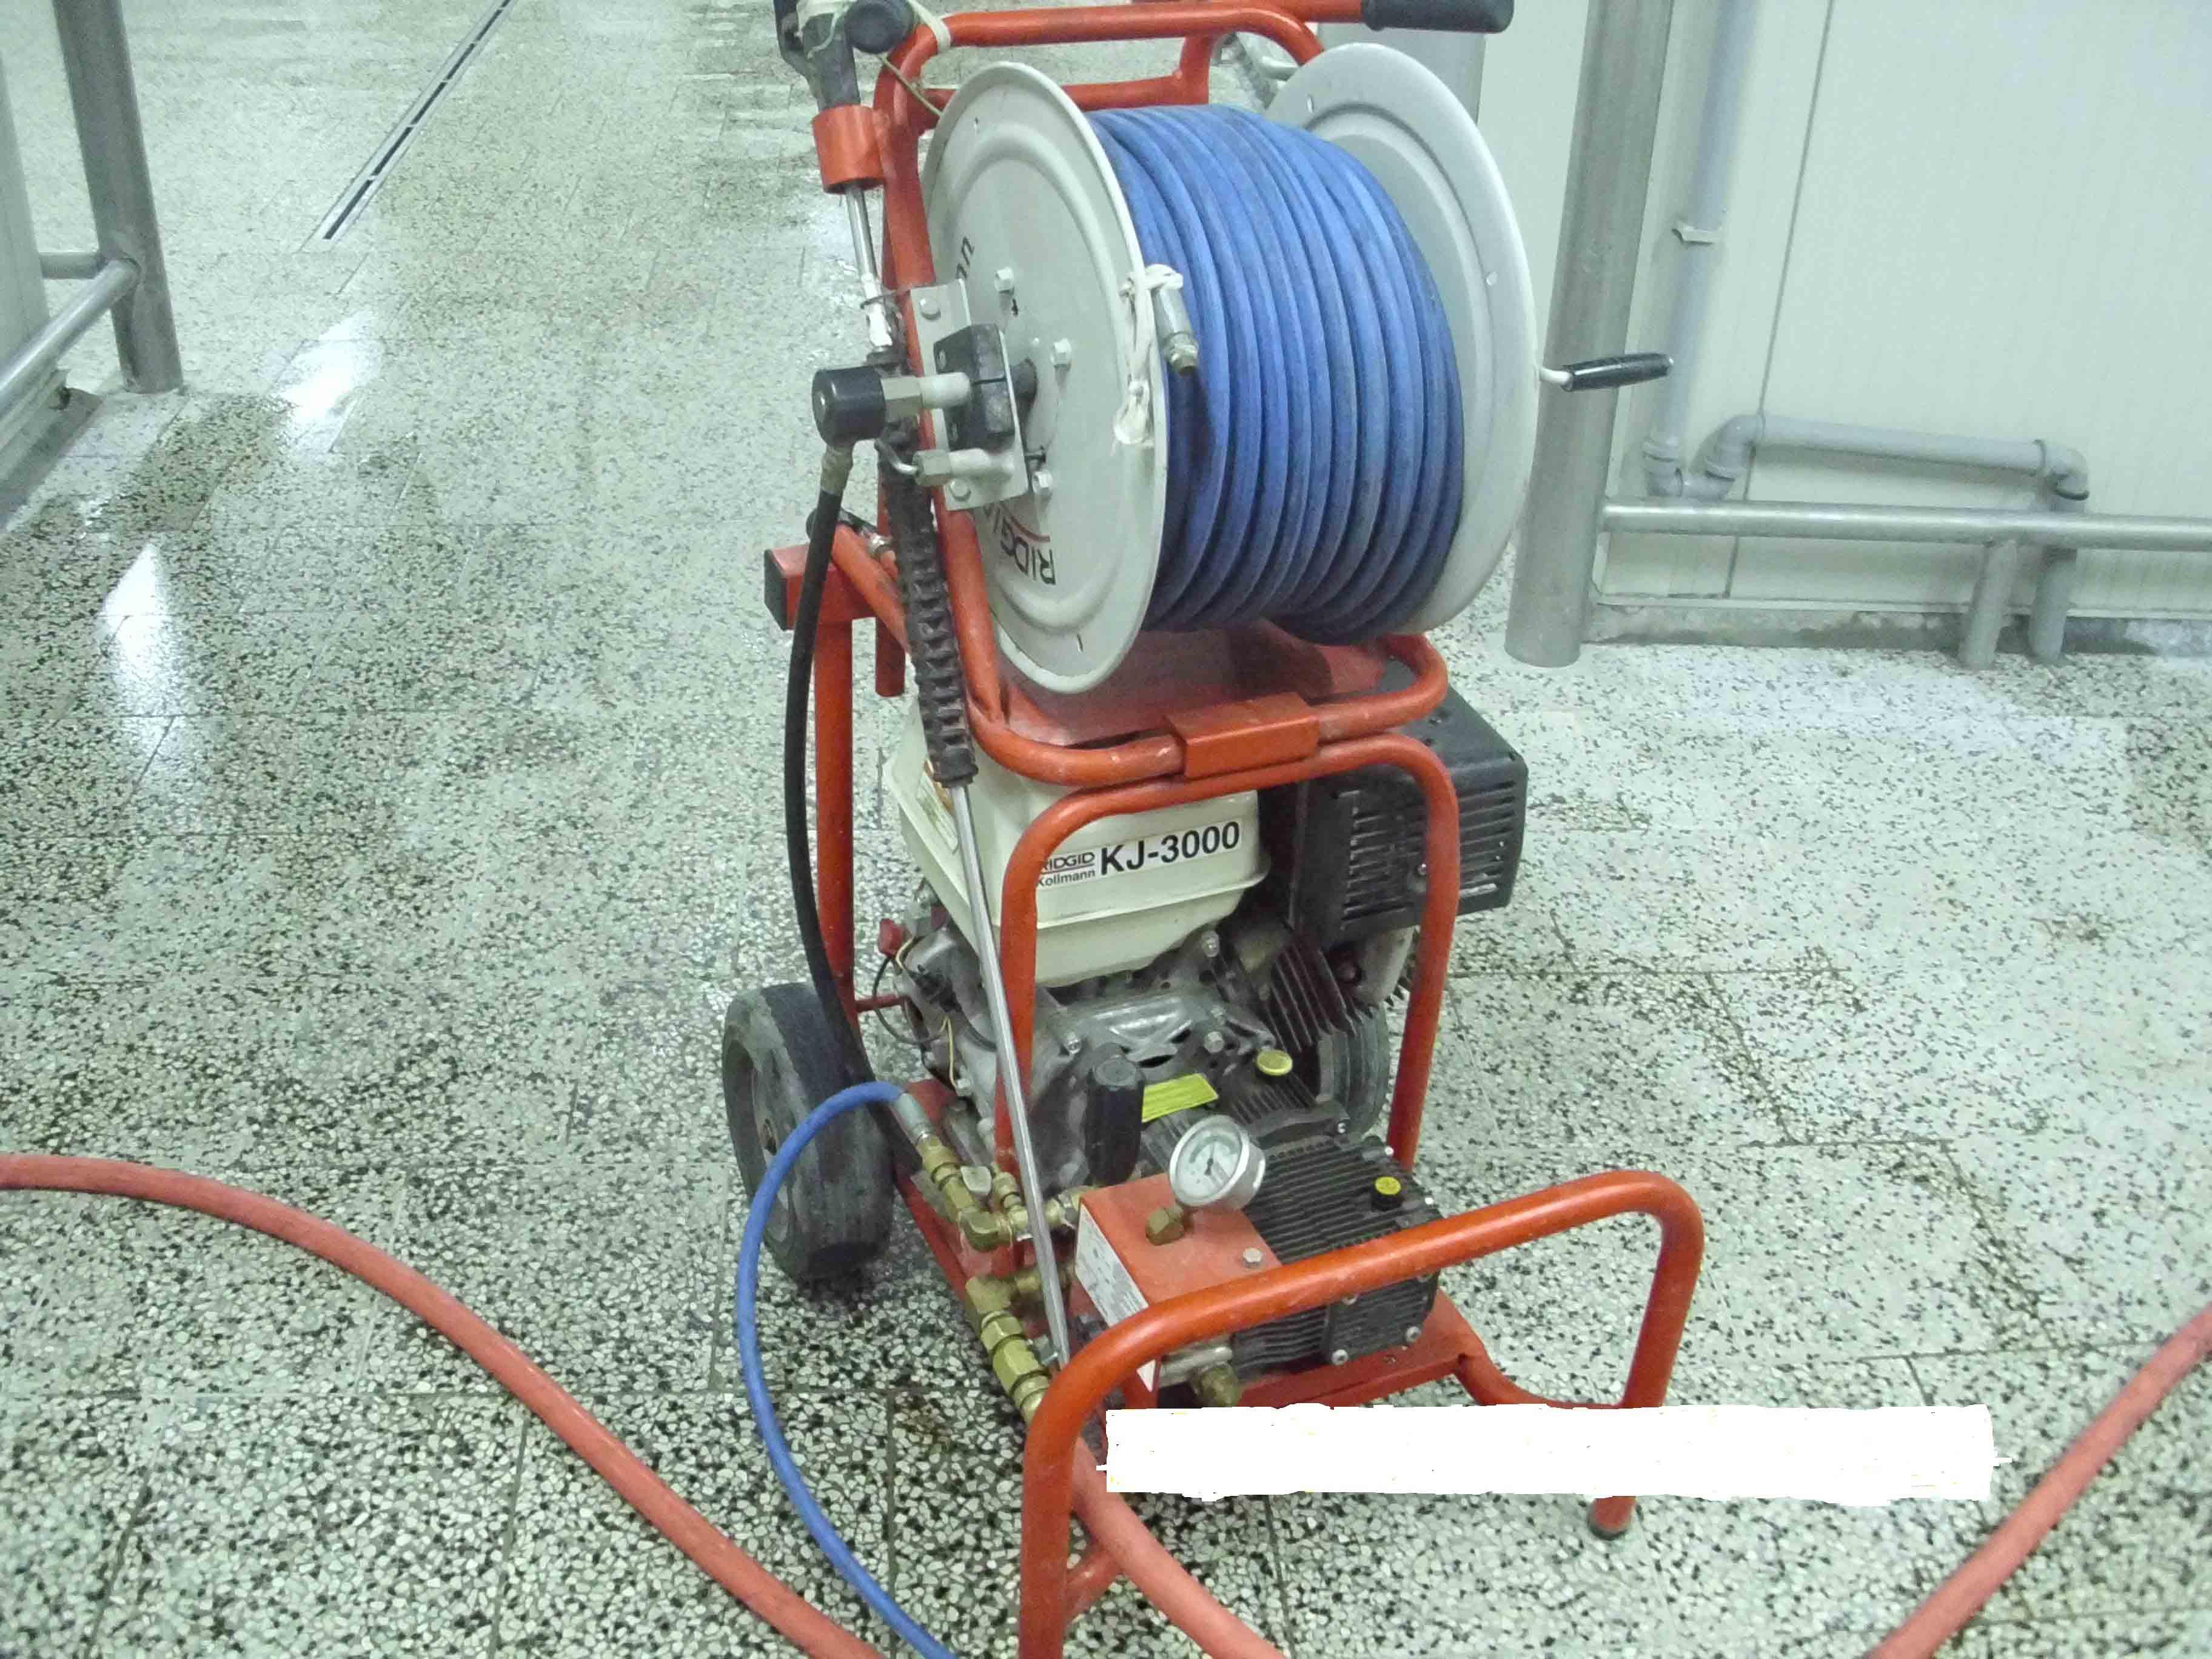 Pompa de apa de inalta presiune Ridgid KJ 3000